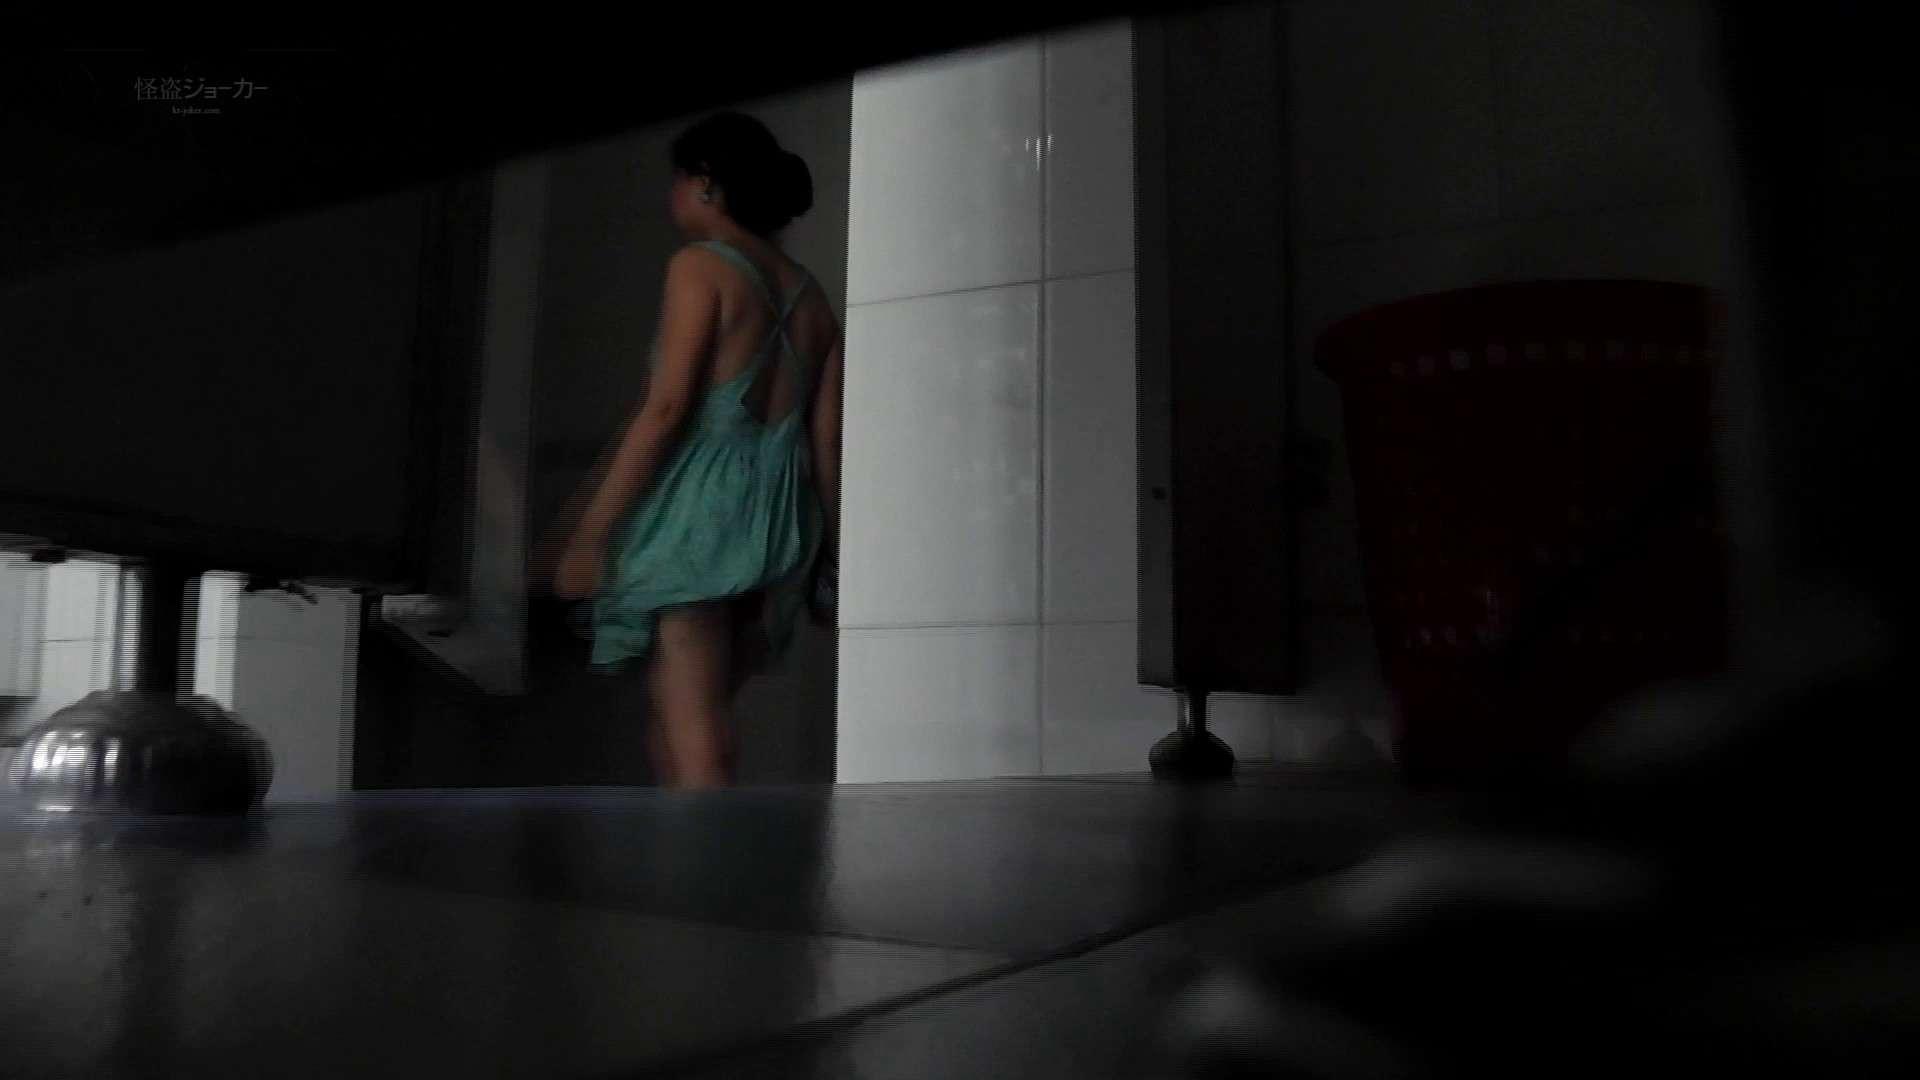 下からノゾム vol.028 あらあらスカートがっ!見えちゃってますよ。 洗面所のぞき SEX無修正画像 111枚 16